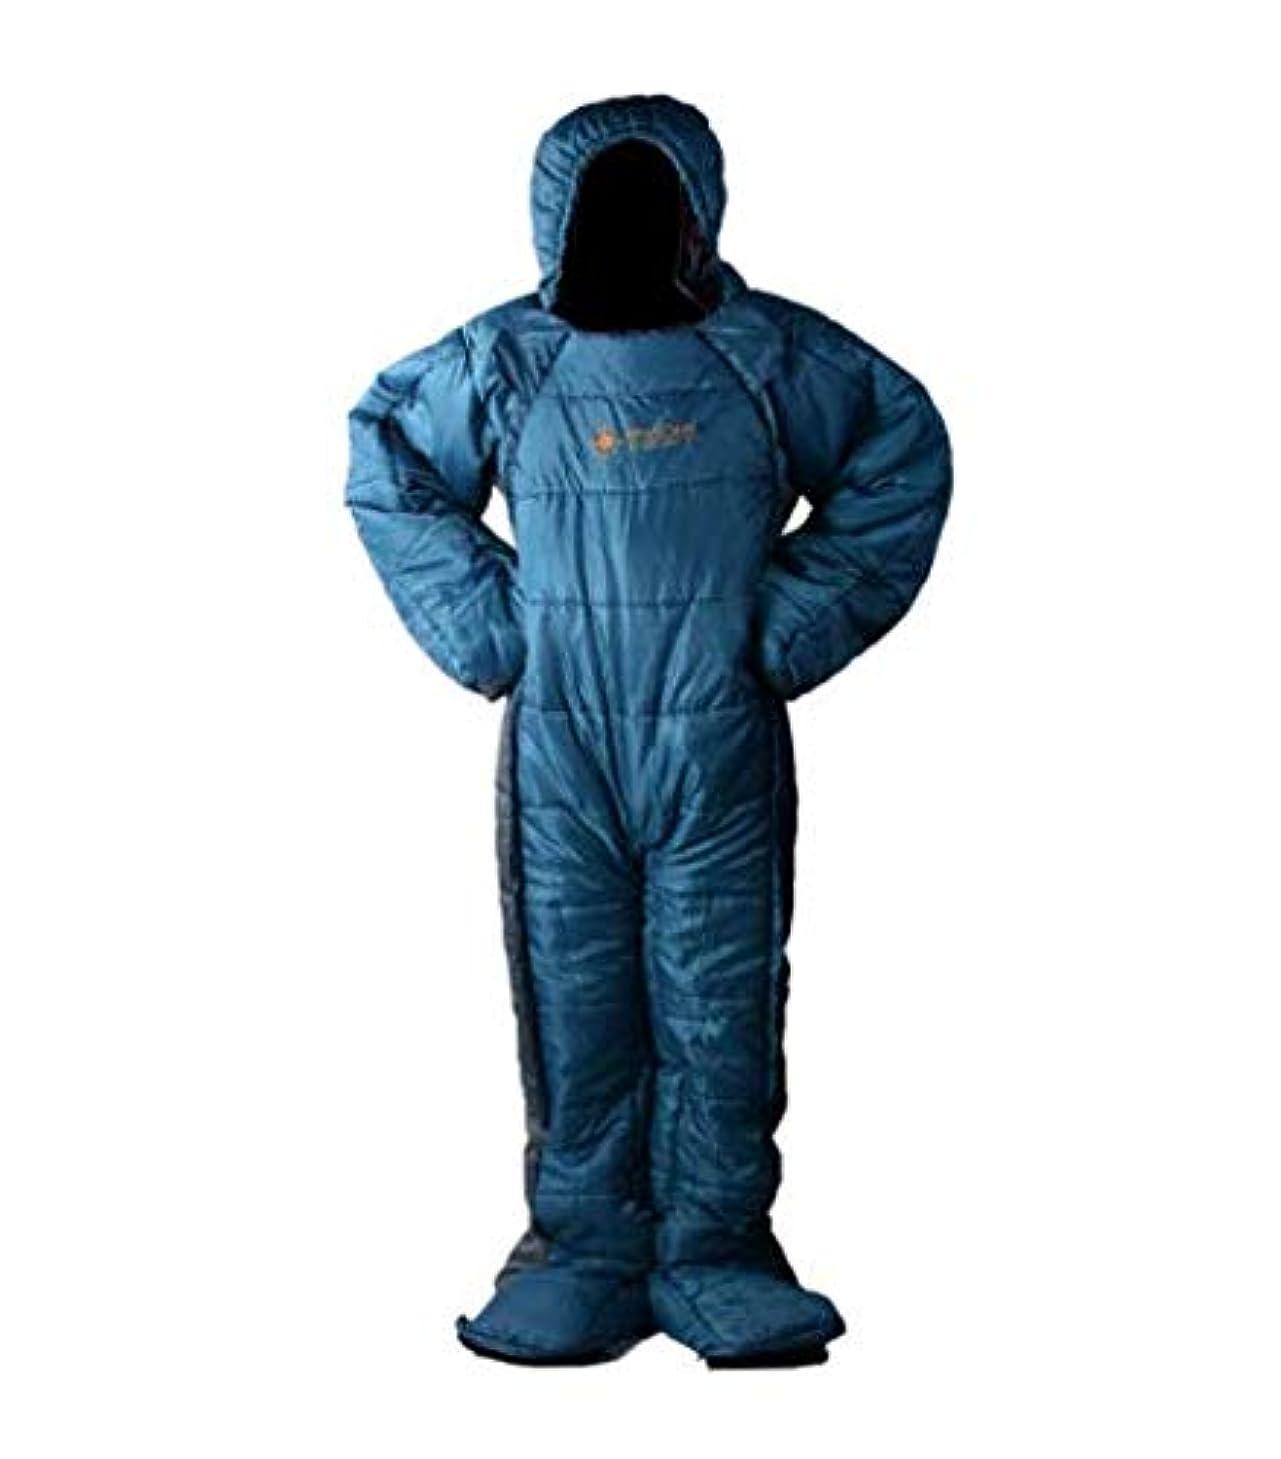 けがをするペインティング革命的人間の寝袋人間の寝袋は寝袋暖かい屋外のミイラの寝袋を伴う寝袋キャンプ寝袋を歩くことができます